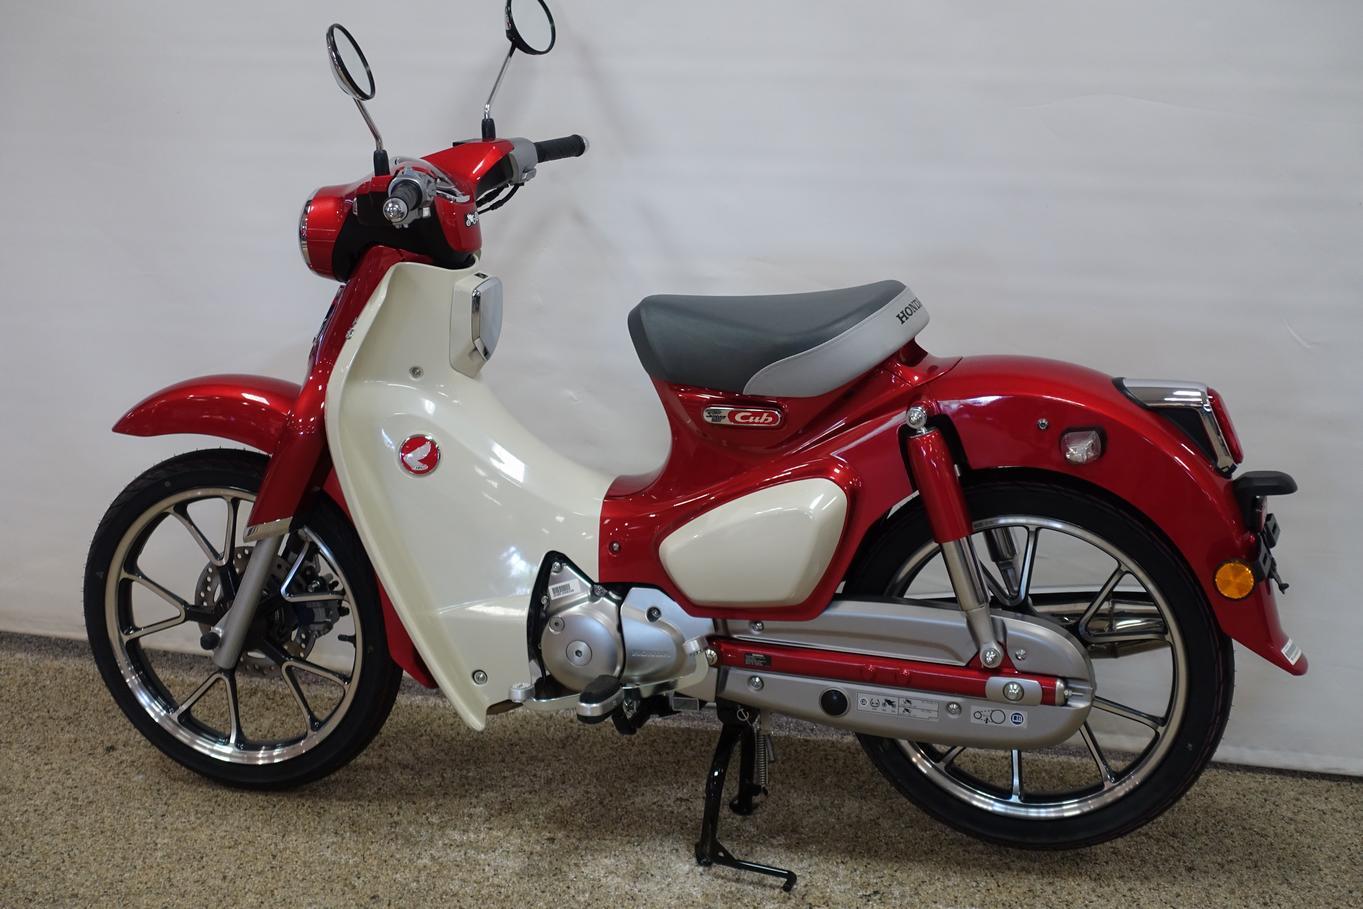 HONDA - C125A Super Cub